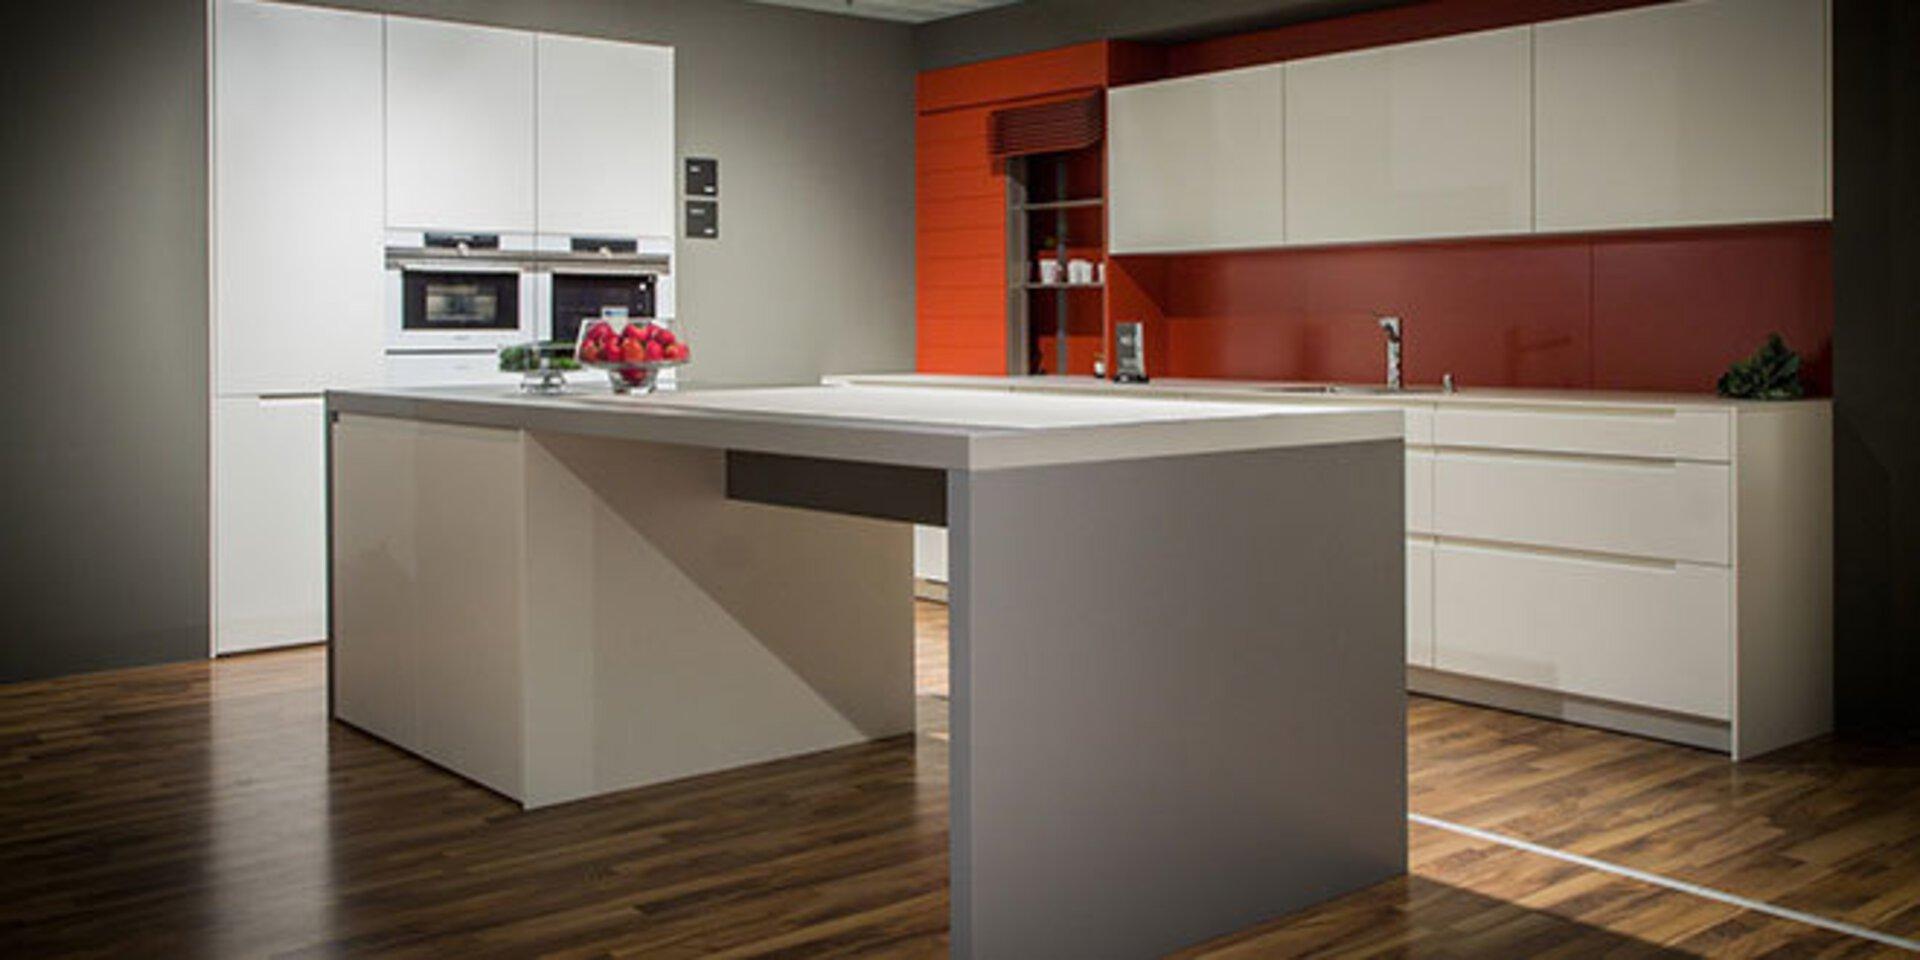 Eine moderne Premiumküche der Marke Leicht dient als weiteres Titelbild auf der Mrkenseite. Die dominierenden Farben sind weiß und rot